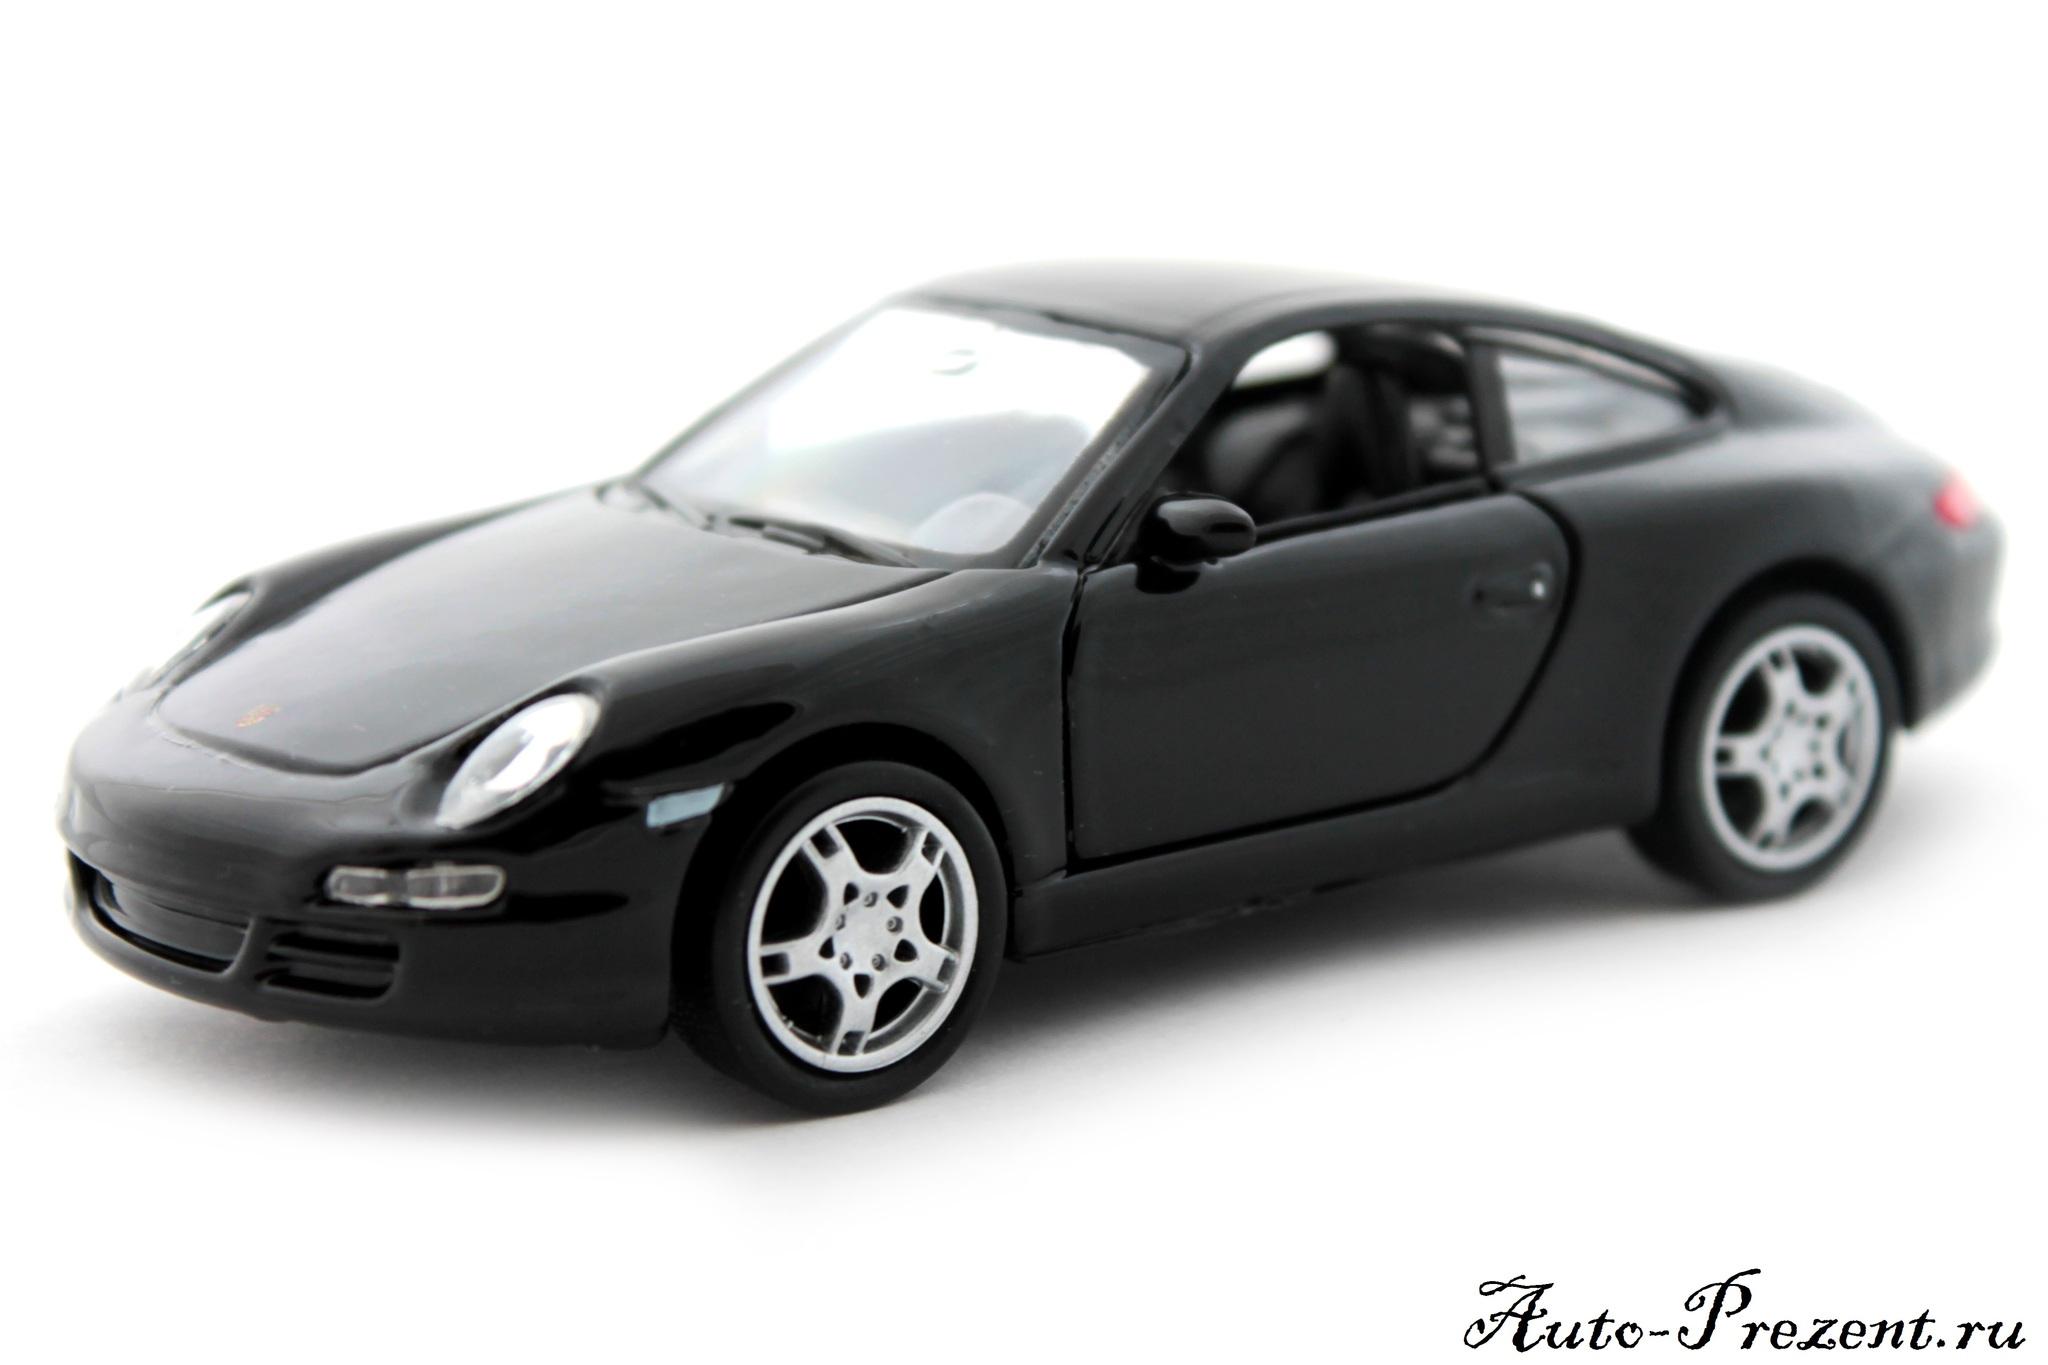 Машинка-игрушка Porsche 911 (997) Carrera S Coupe